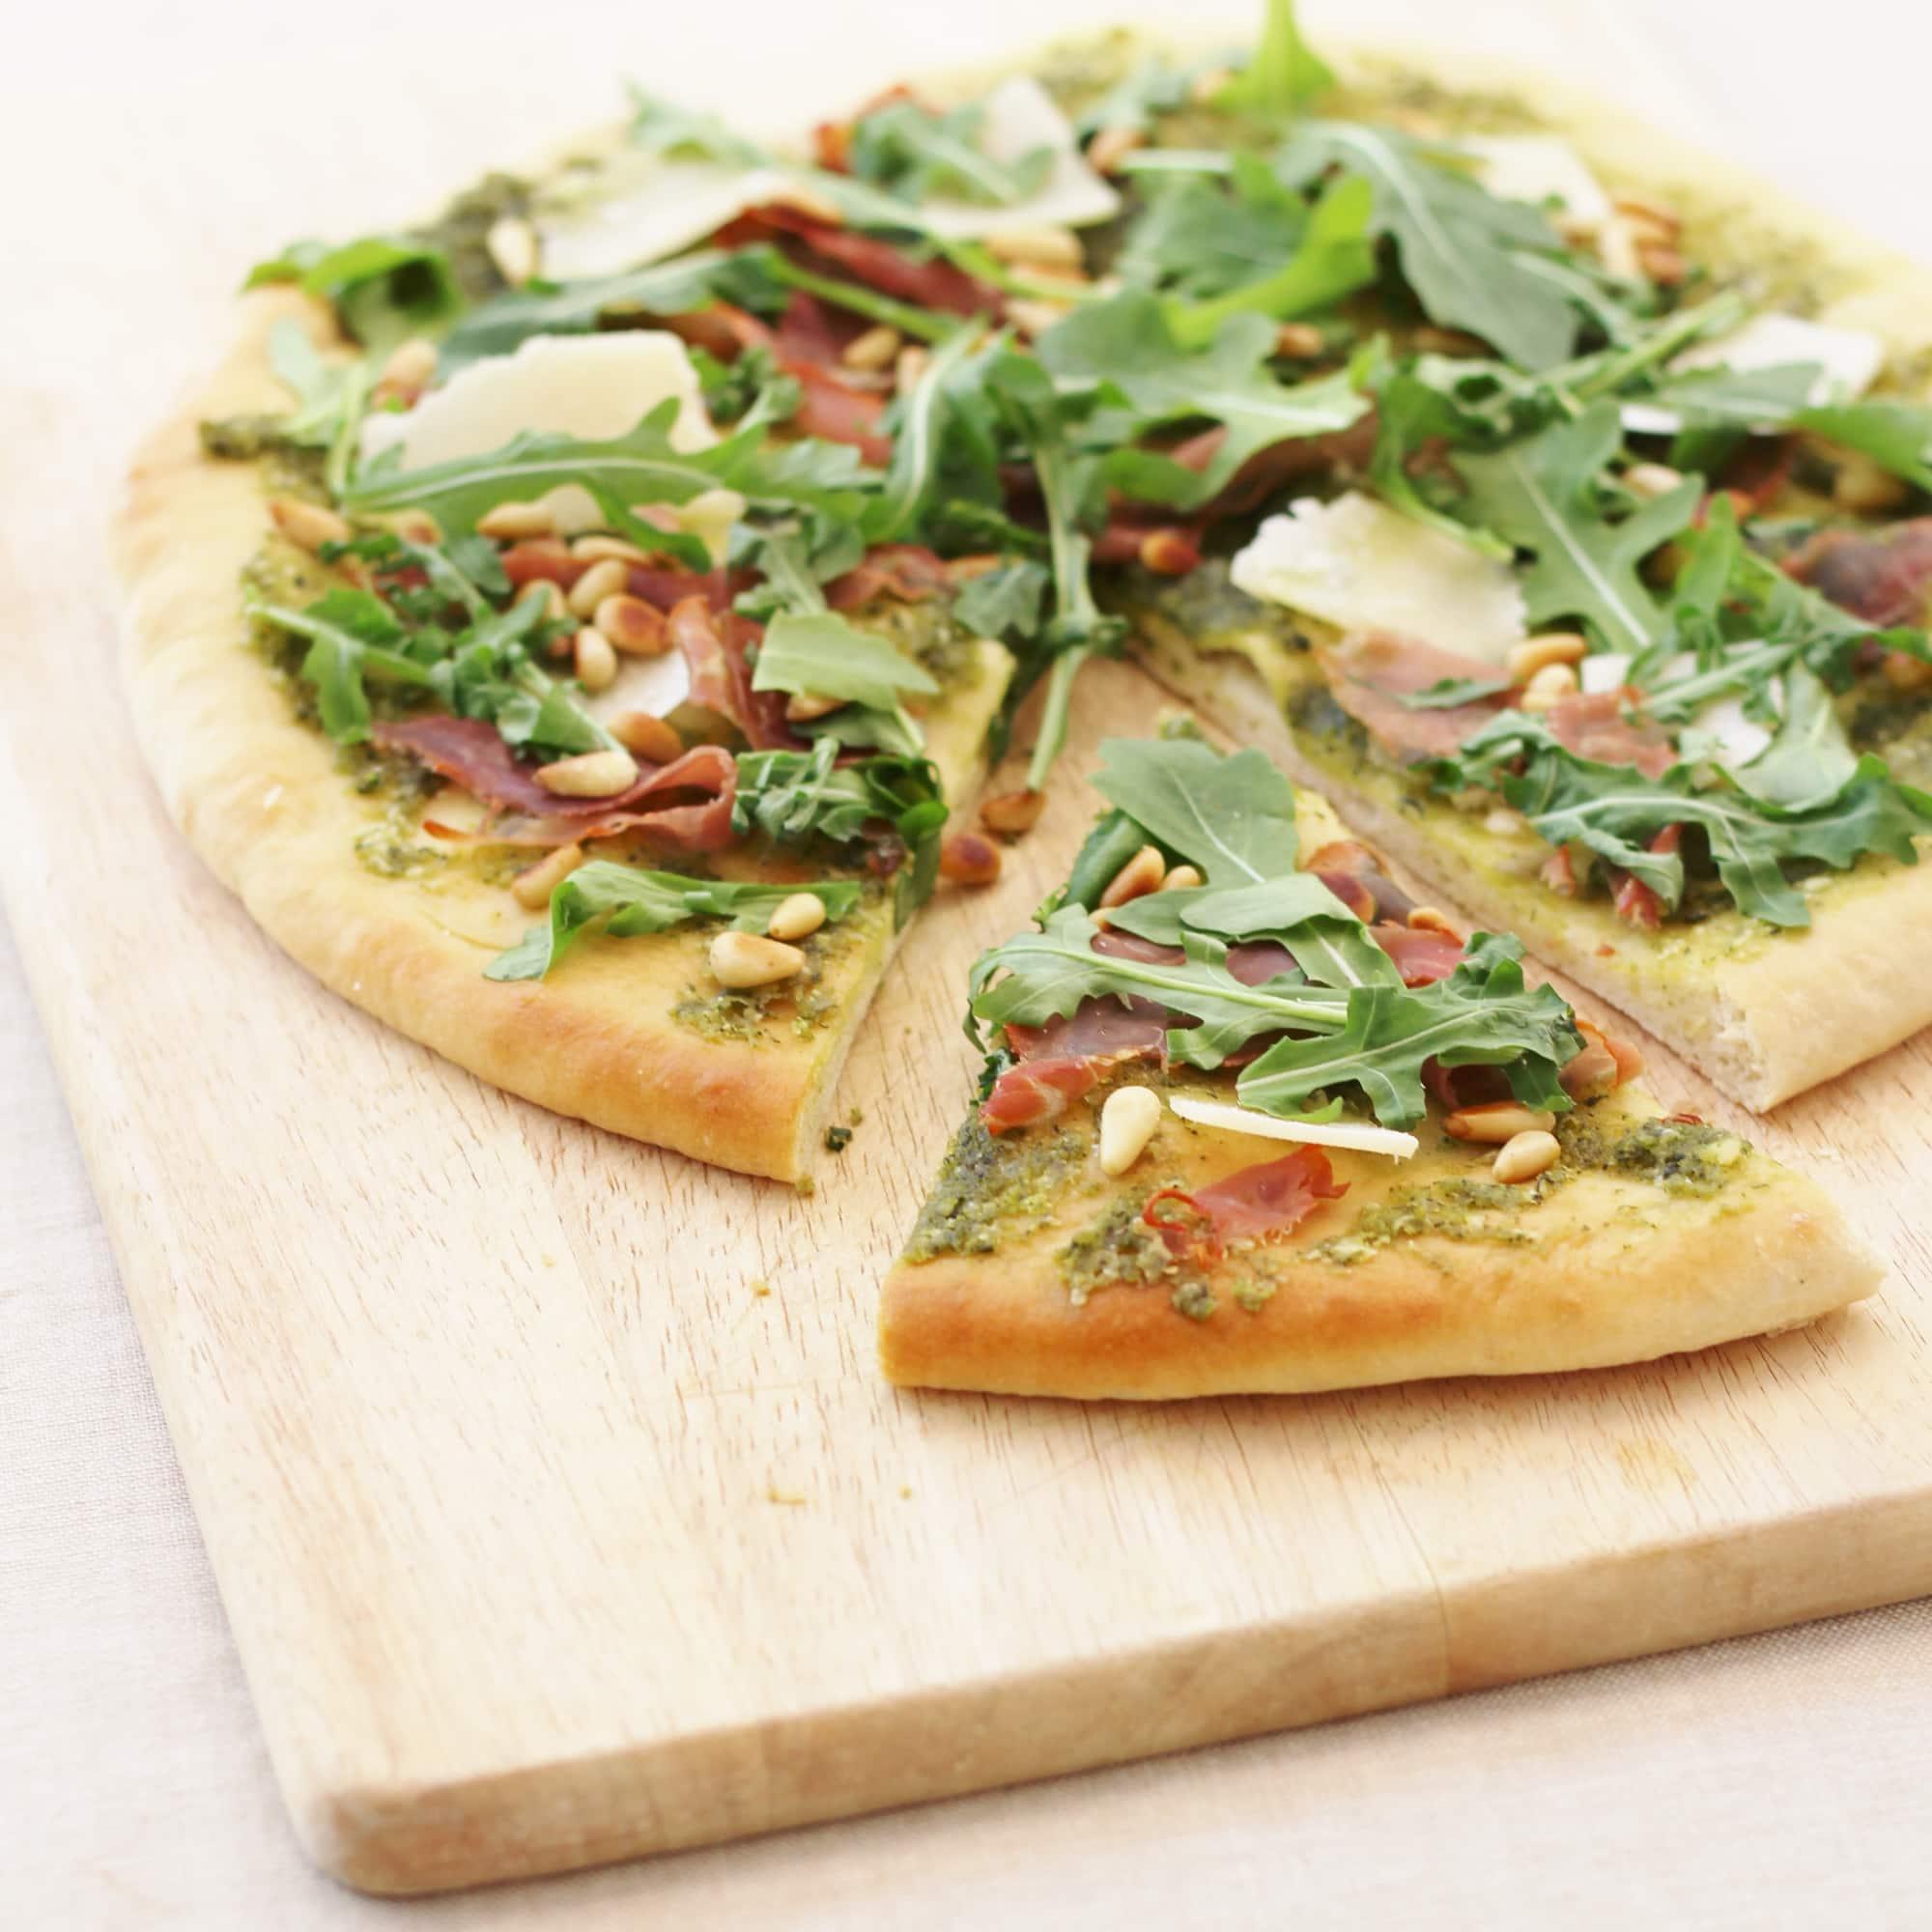 Pesto Pizza with Grana Padano and Prosciutto di San Daniele (GIVEAWAY NOW CLOSED)